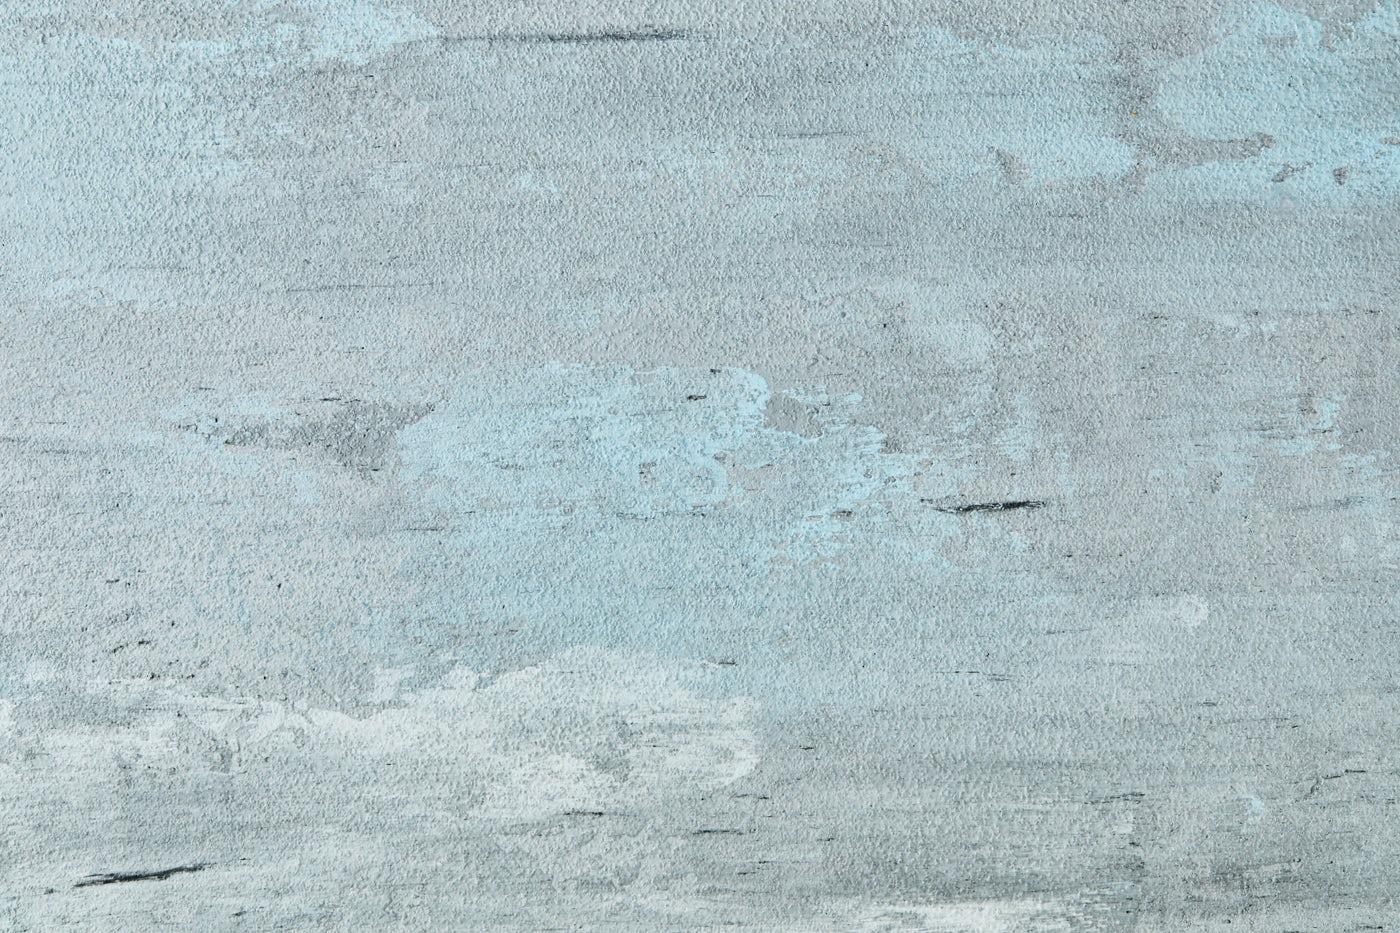 Background White-gray-blue Concrete: Stock Photos